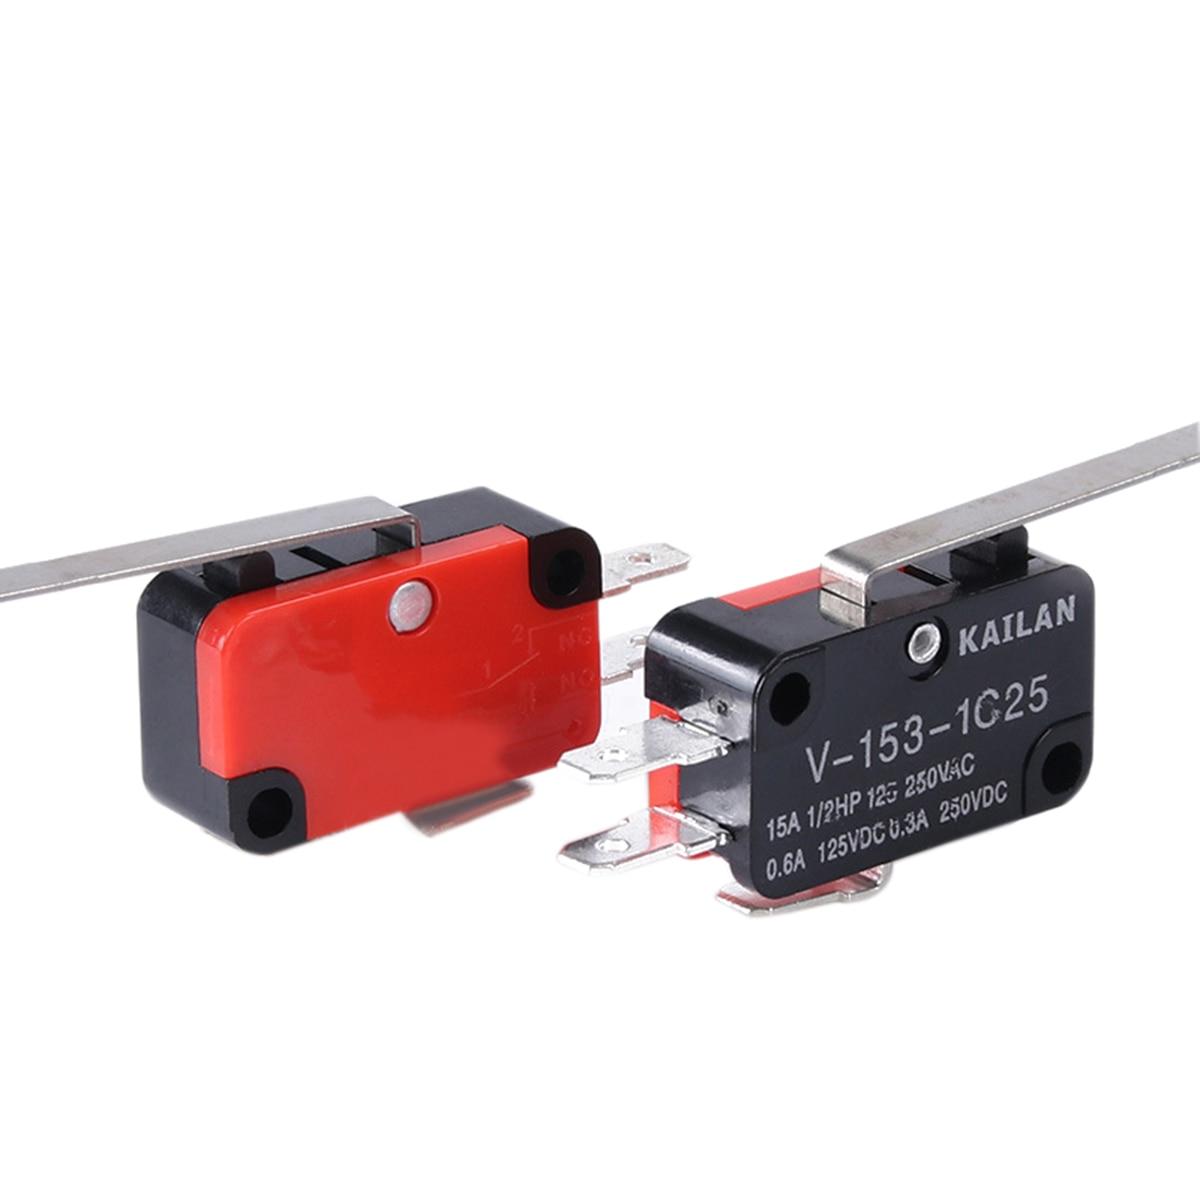 10 шт. V-153-1C25 выключатель Mayitr Высокоточный длинный концевой выключатель с прямым рычагом на шарнире типа SPDT микро-переключатели для электроп...